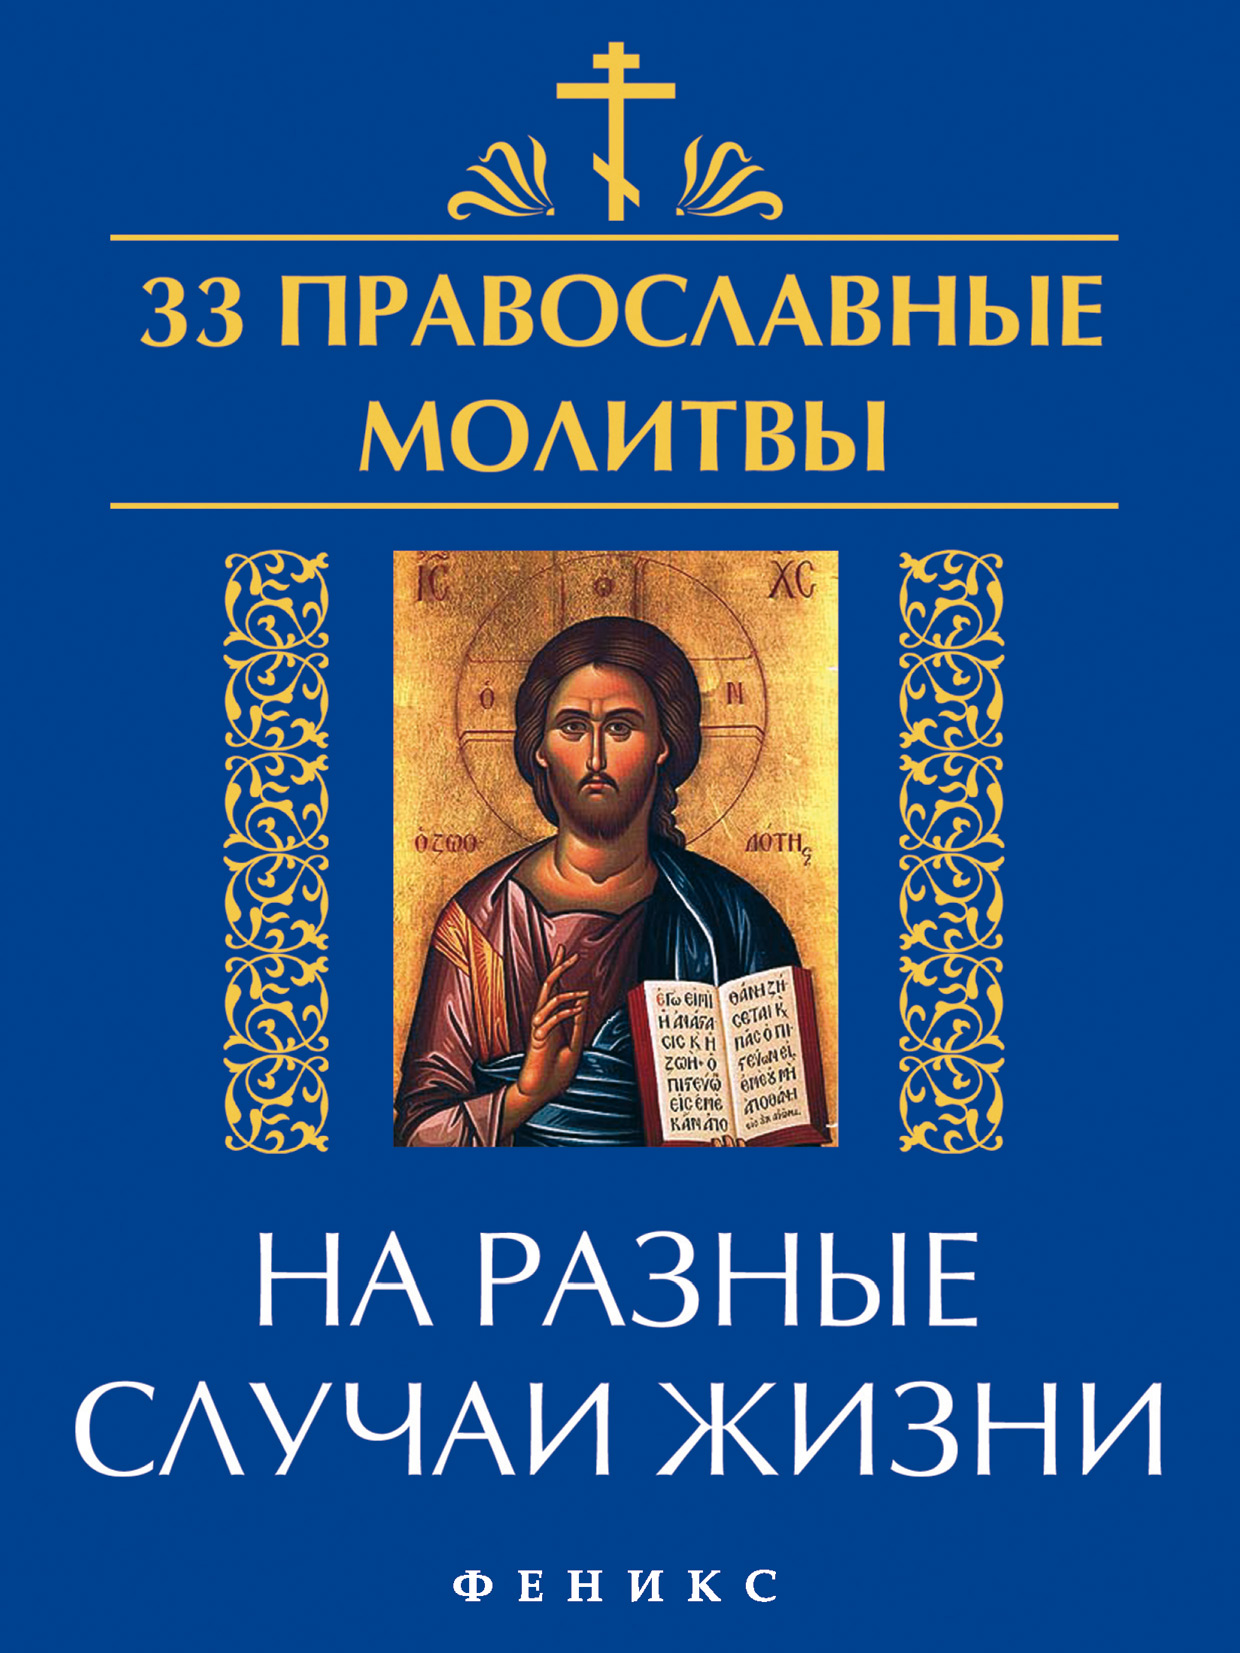 цена на Отсутствует 33 православные молитвы на разные случаи жизни